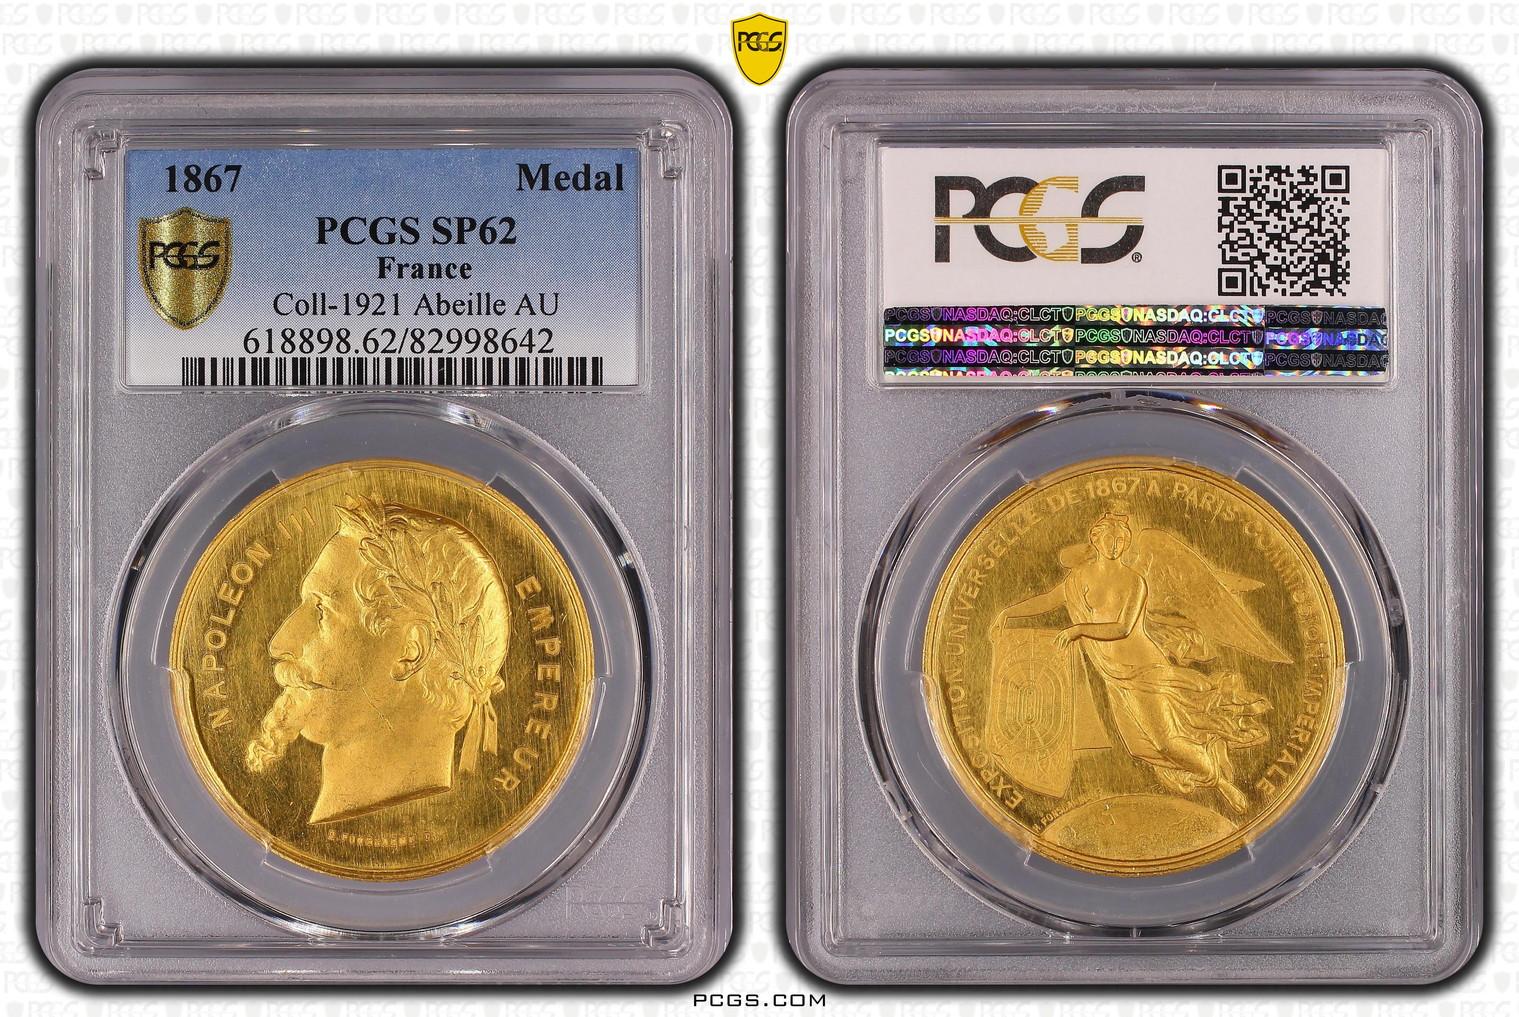 【動画あり】1867年ナポレオン ゴールドメダルPCGS SP62